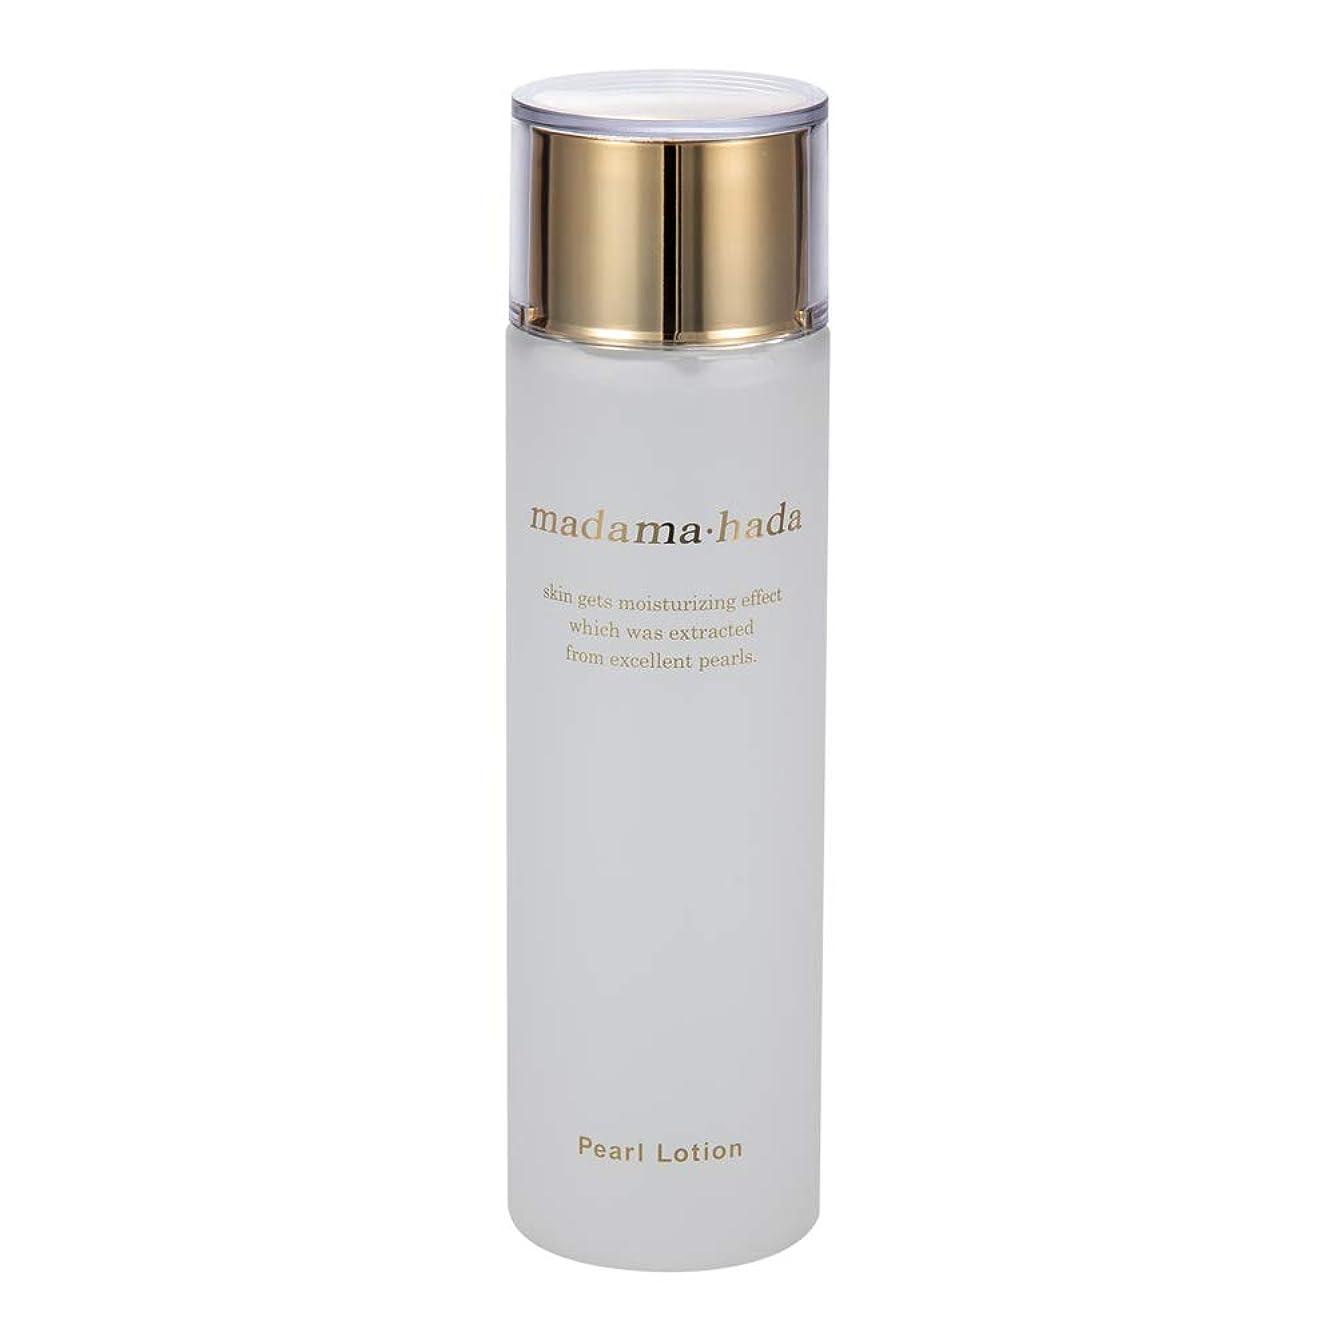 実行可能塩試用真珠肌 (まだまはだ) エイジングケア 化粧水(ローション) 150ml